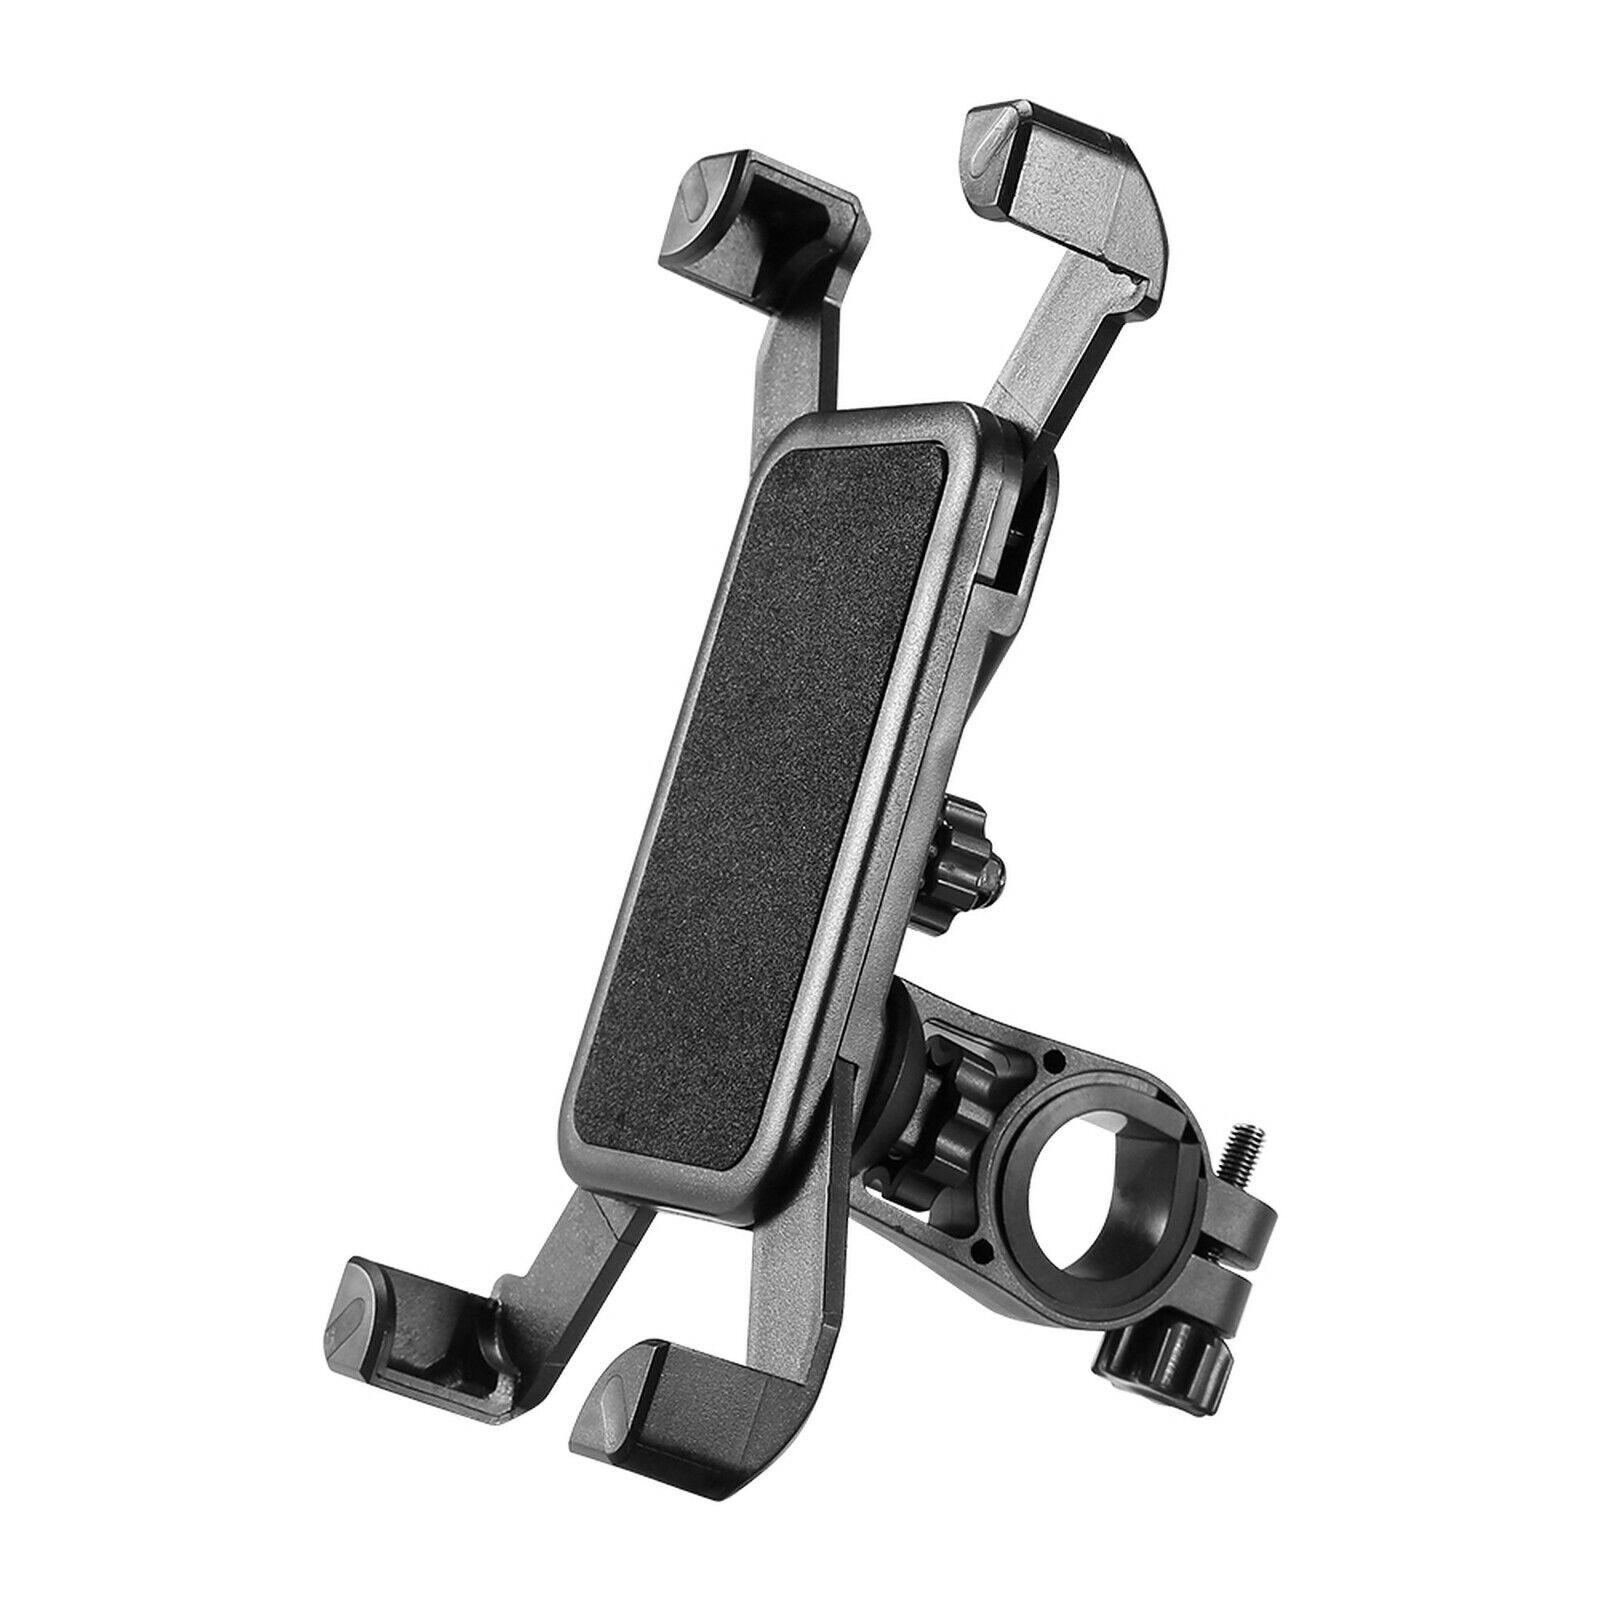 Handyhalterung Fahrrad Universal Lenker Handy Smartphone Halterung Halter Bike